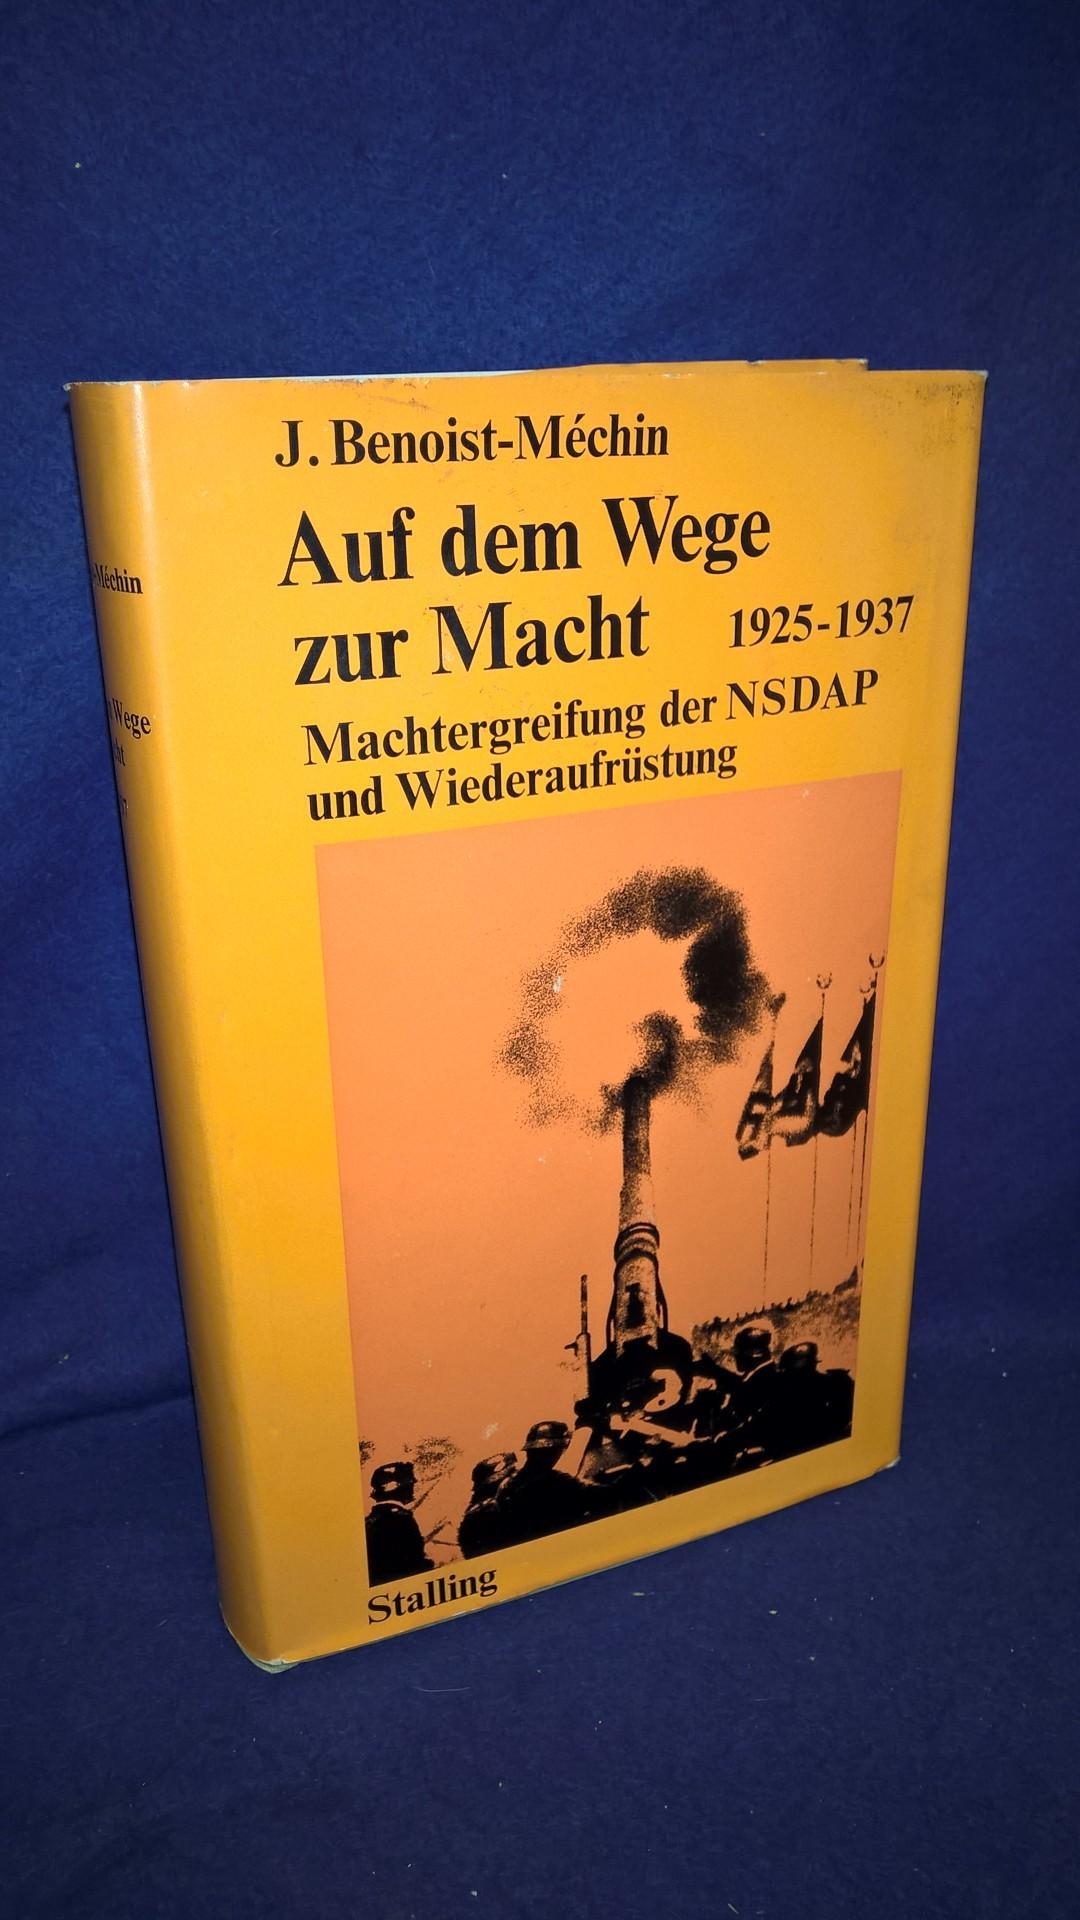 Auf dem Wege zur Macht 1925-1937. Machtergreifung der NSDAP und Wiederaufrüstung